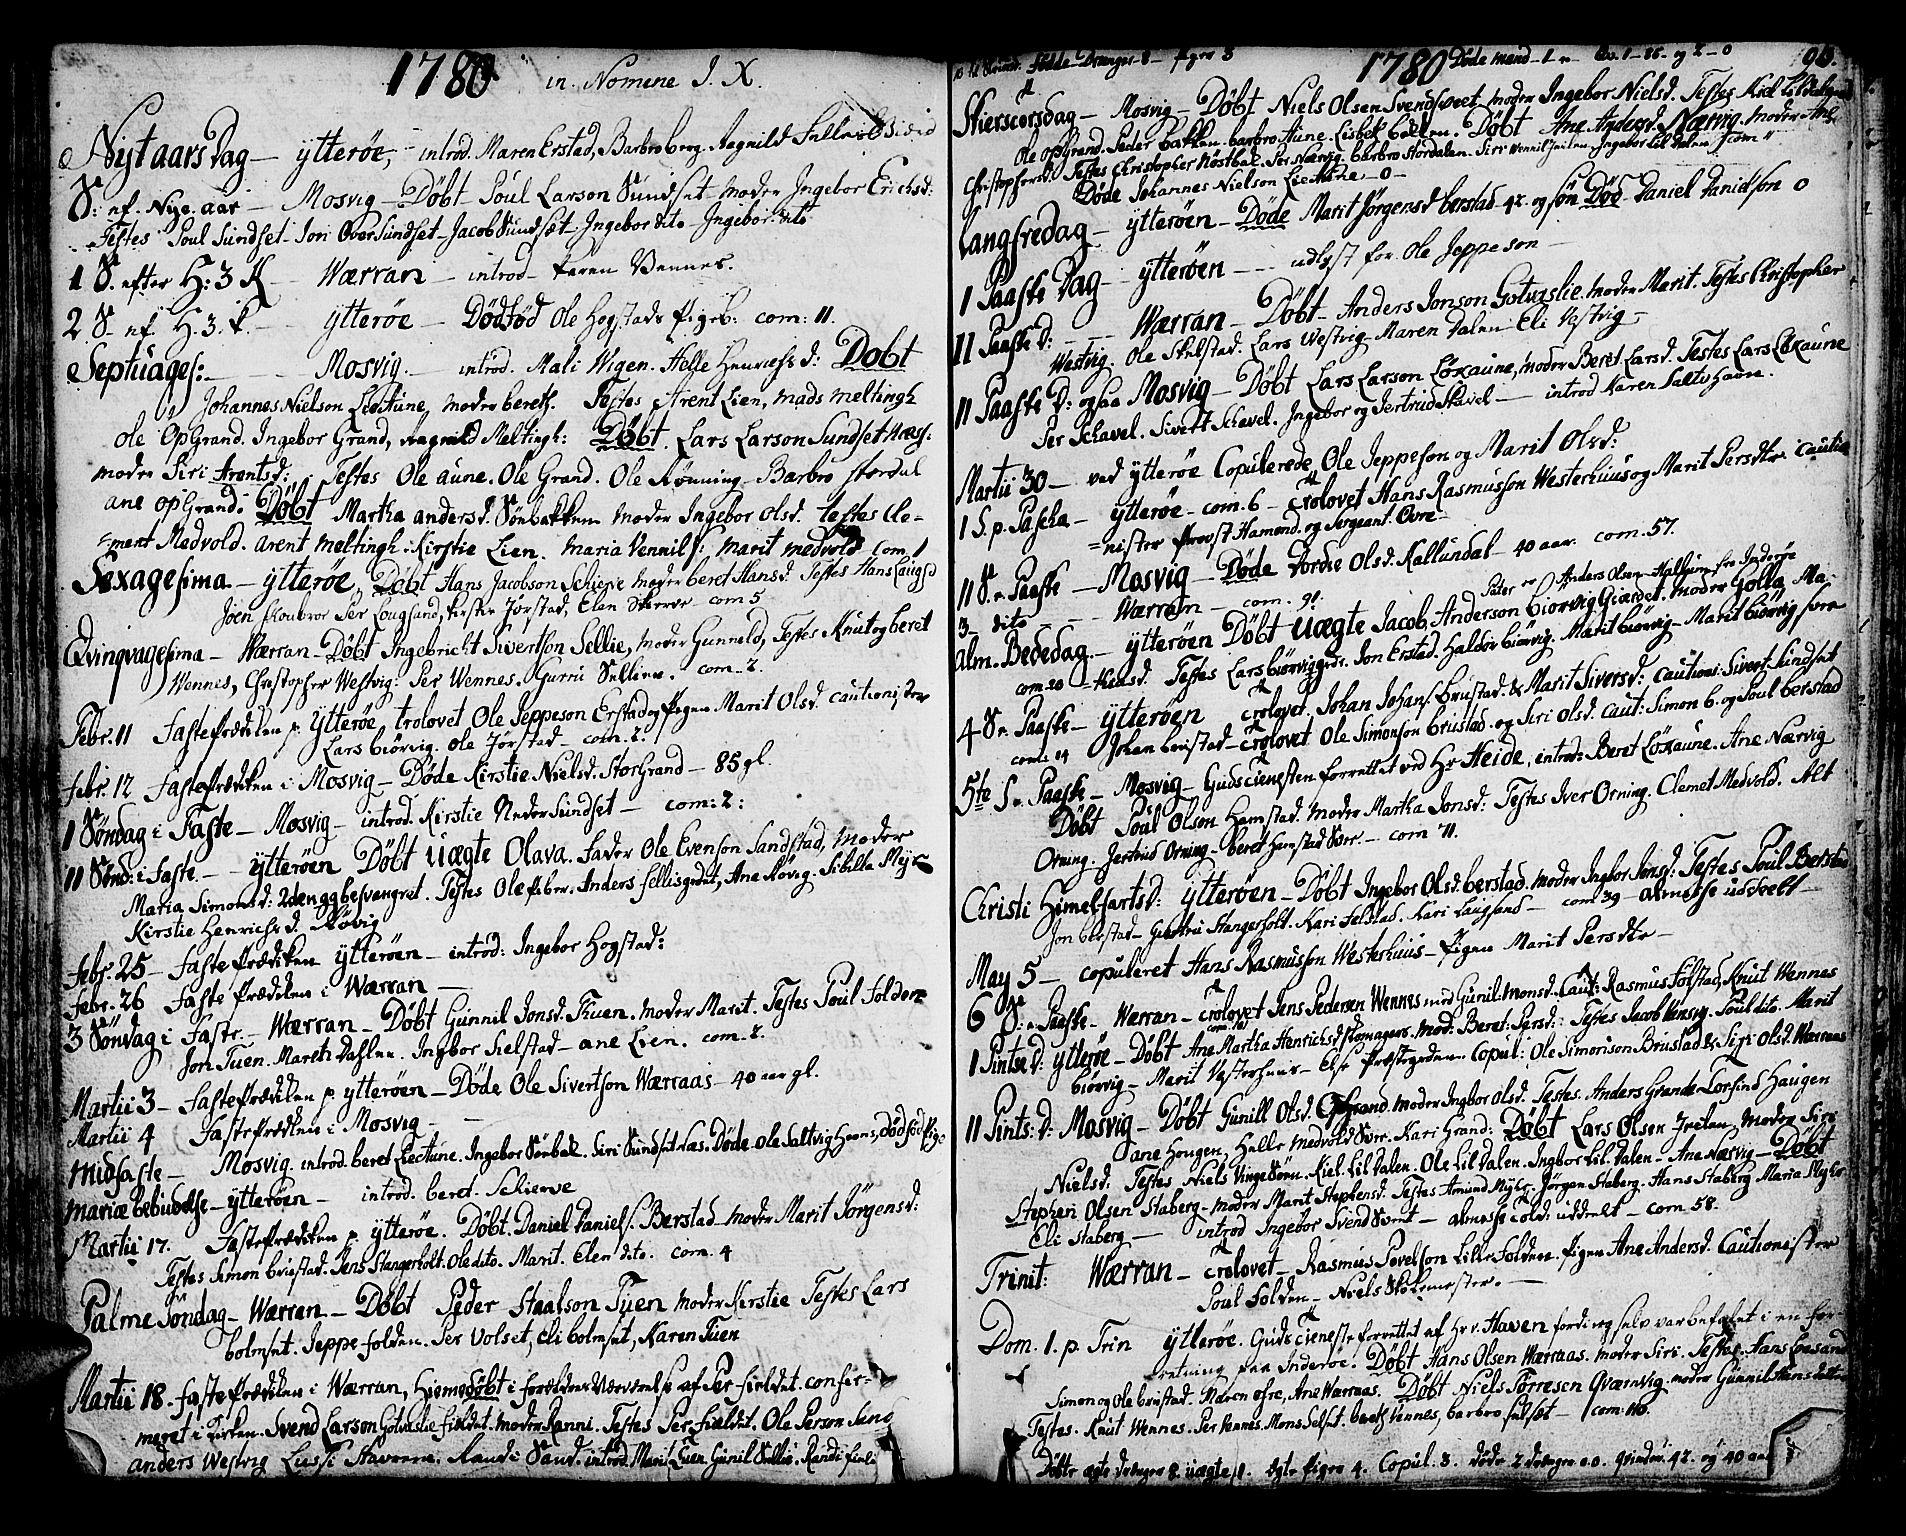 SAT, Ministerialprotokoller, klokkerbøker og fødselsregistre - Nord-Trøndelag, 722/L0216: Ministerialbok nr. 722A03, 1756-1816, s. 93